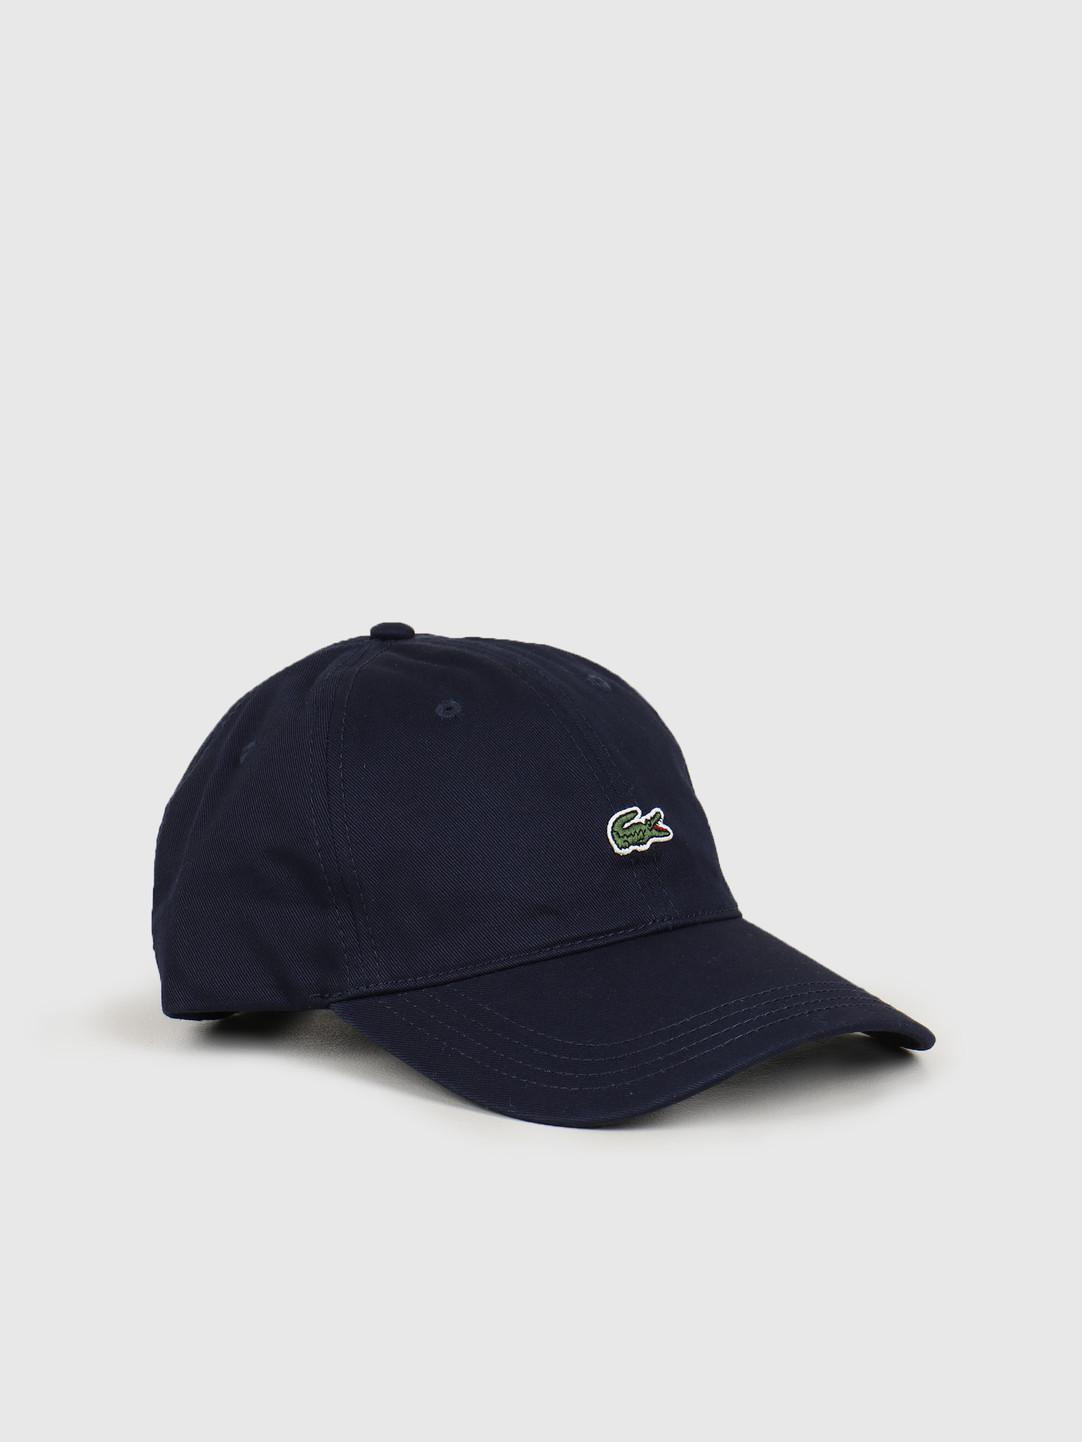 Lacoste Lacoste 2G4C Cap 012 Navy Blue RK4714-01